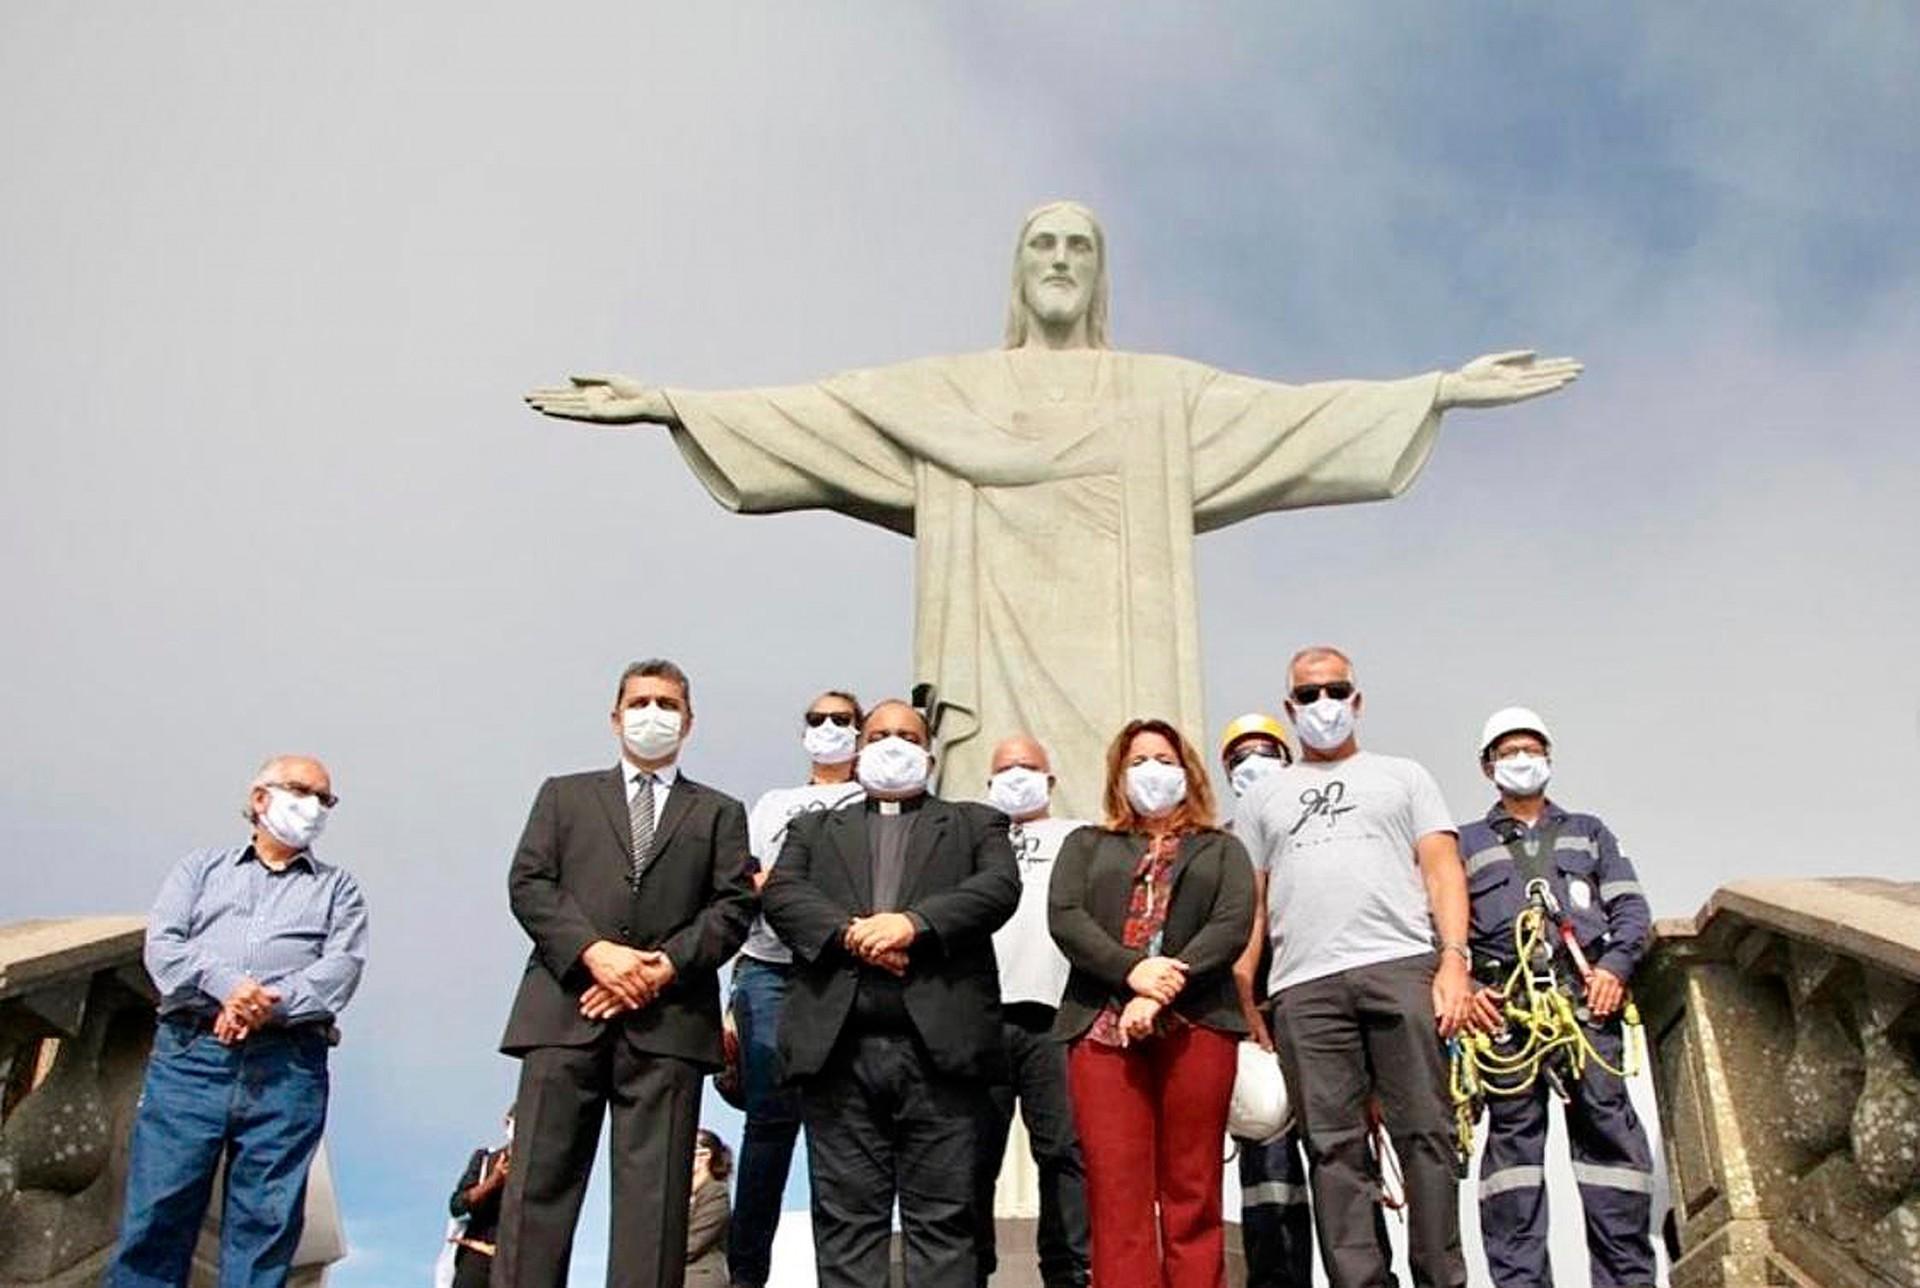 Parte da equipe multidisciplinar que vai atuar na restauração do Cristo Redentor, preparando o monumento para as comemorações de 90 anos Crédito: Santuário Cristo Redentor